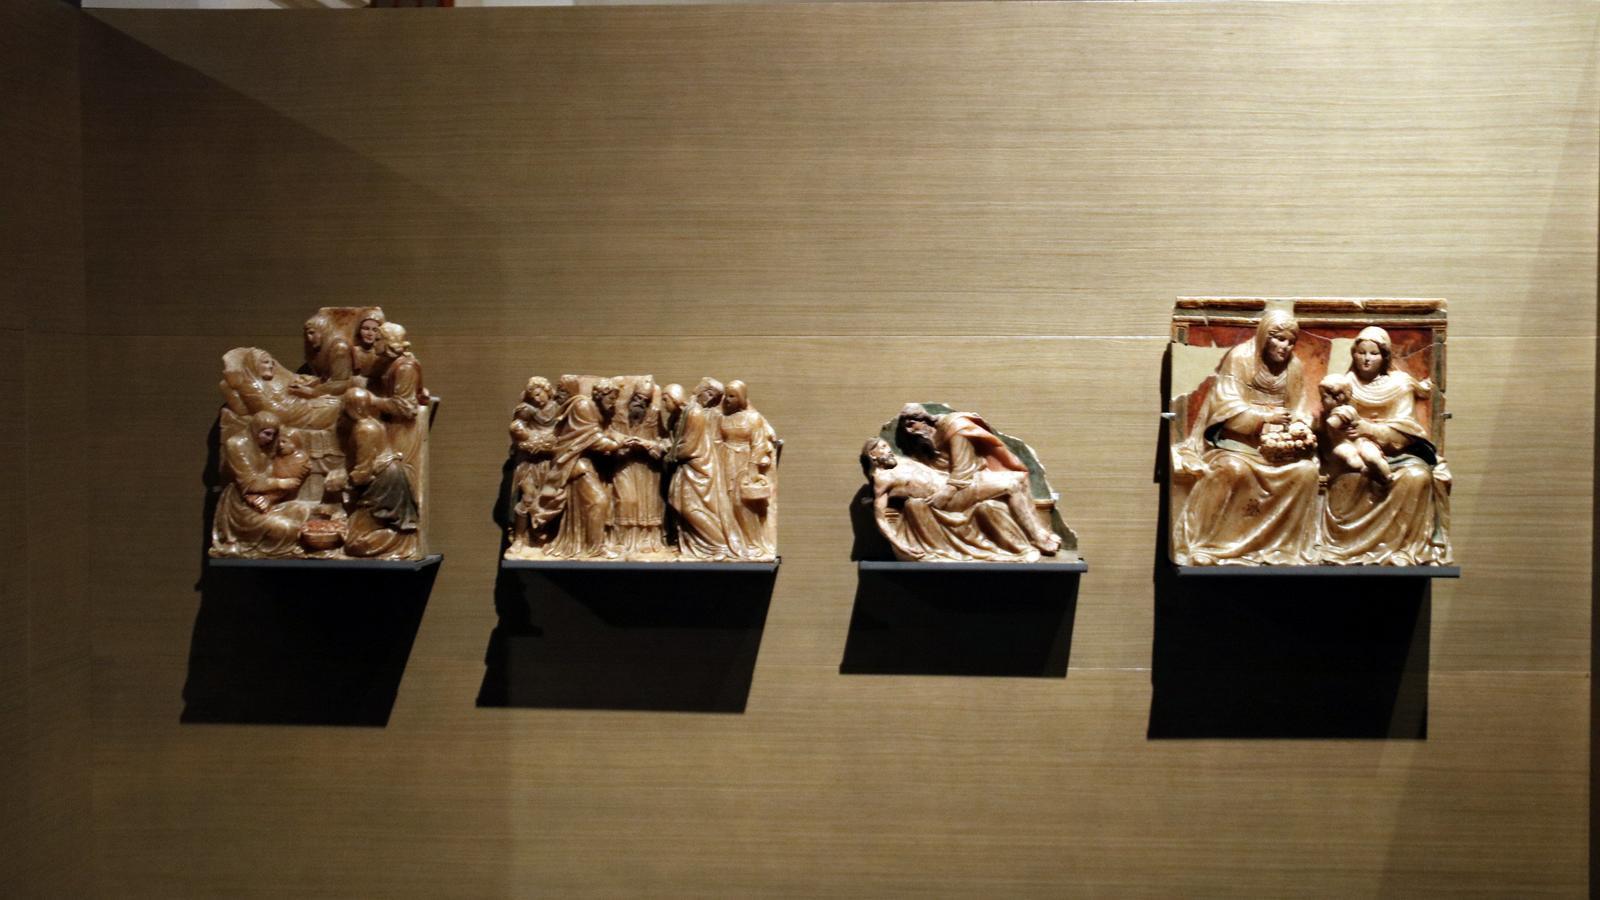 Fragments del Retaule de Santa Anna procedents del Monestir de Sixena, exposats al Museu de Lleida.